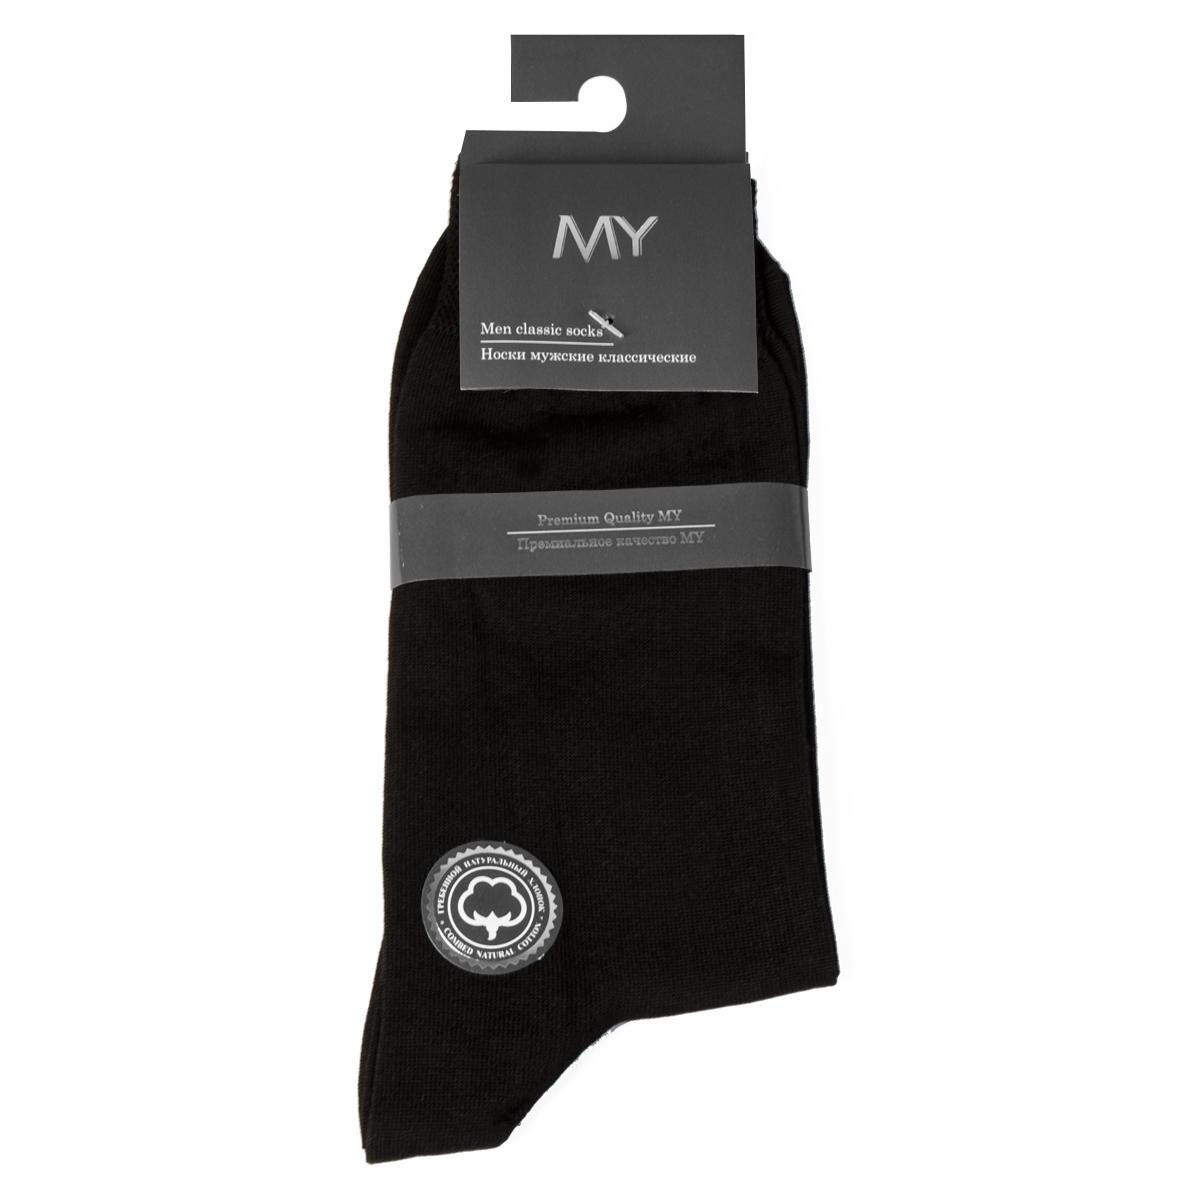 Носки мужские Mirey, цвет: черный. MSC 004. Размер (44/46)MSC 004Классические мужские носки от Mirey выполнены из мерсеризованного хлопка. Усиленный мысок и пятка, комфортная двойная резинка сетка, плоский шов.